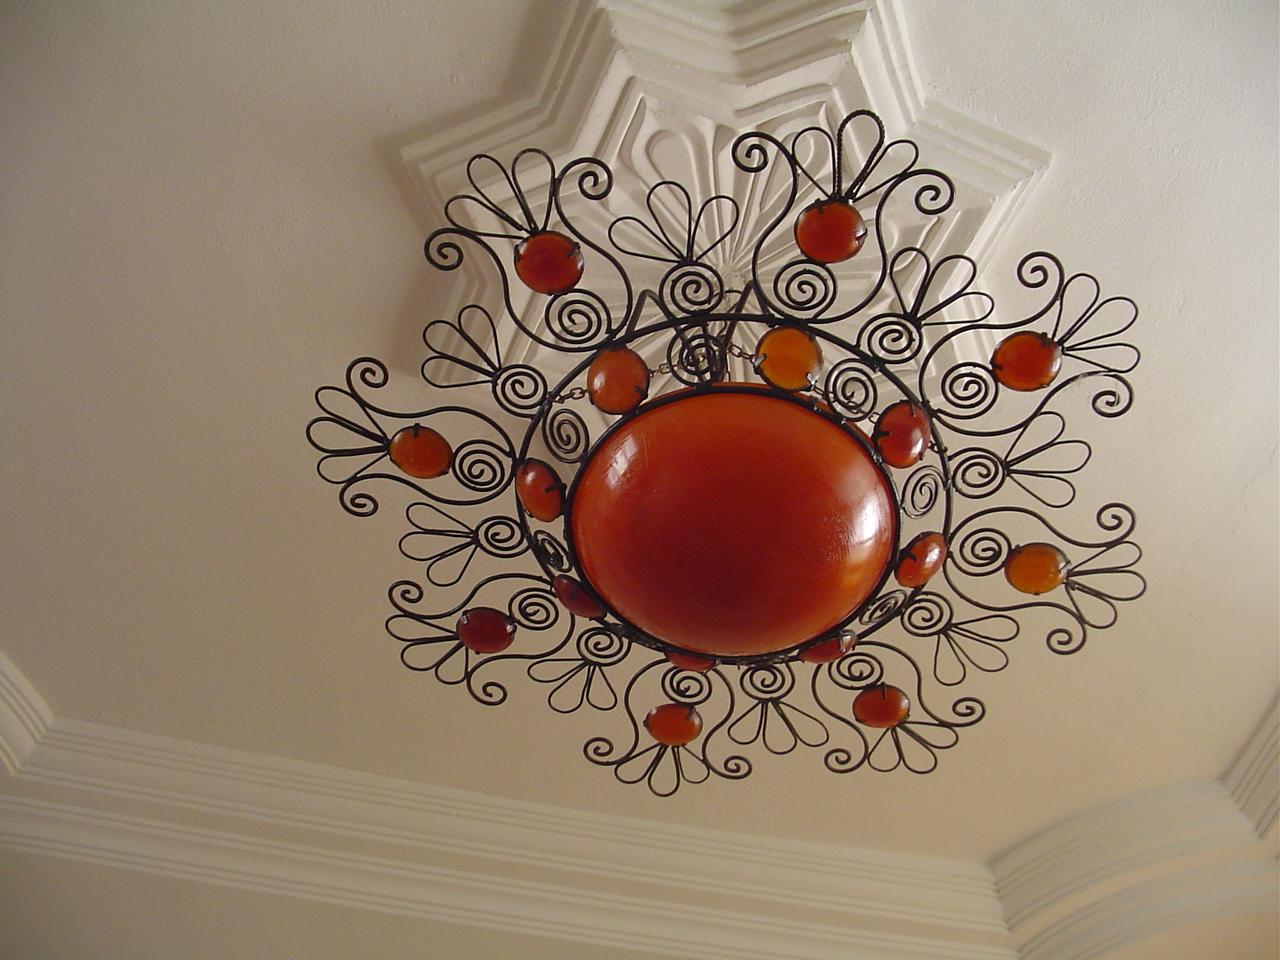 Superb les lustres de salon 7 lustre pour salon moderne - Lustre de salon moderne ...